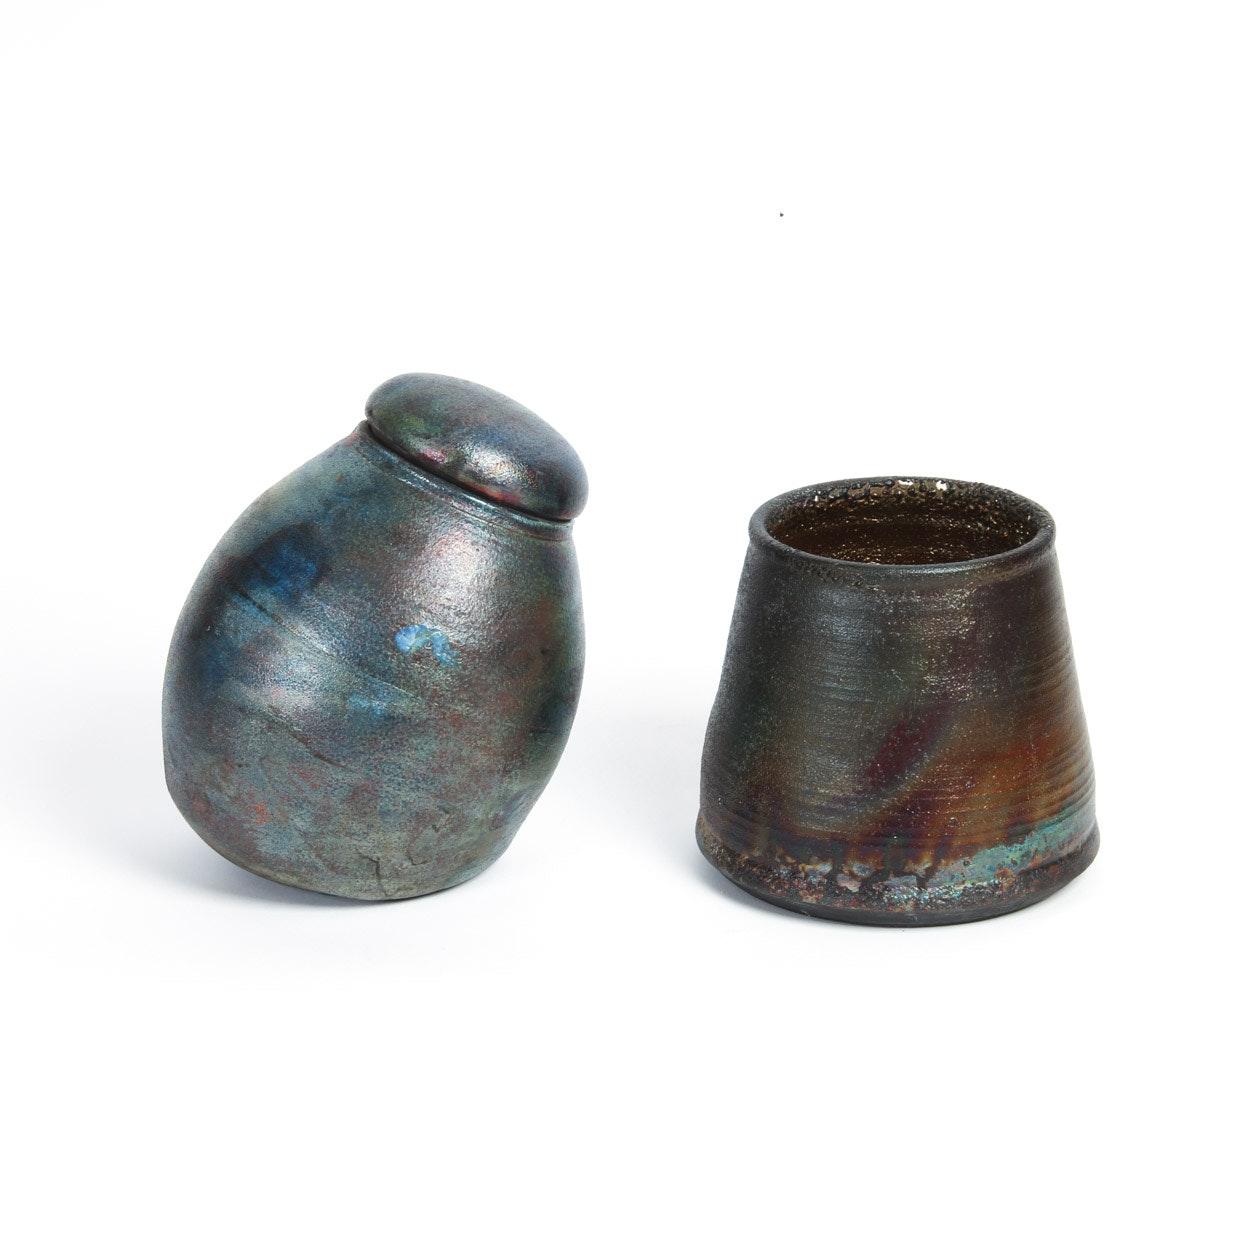 Pair of Raku Pottery Pieces